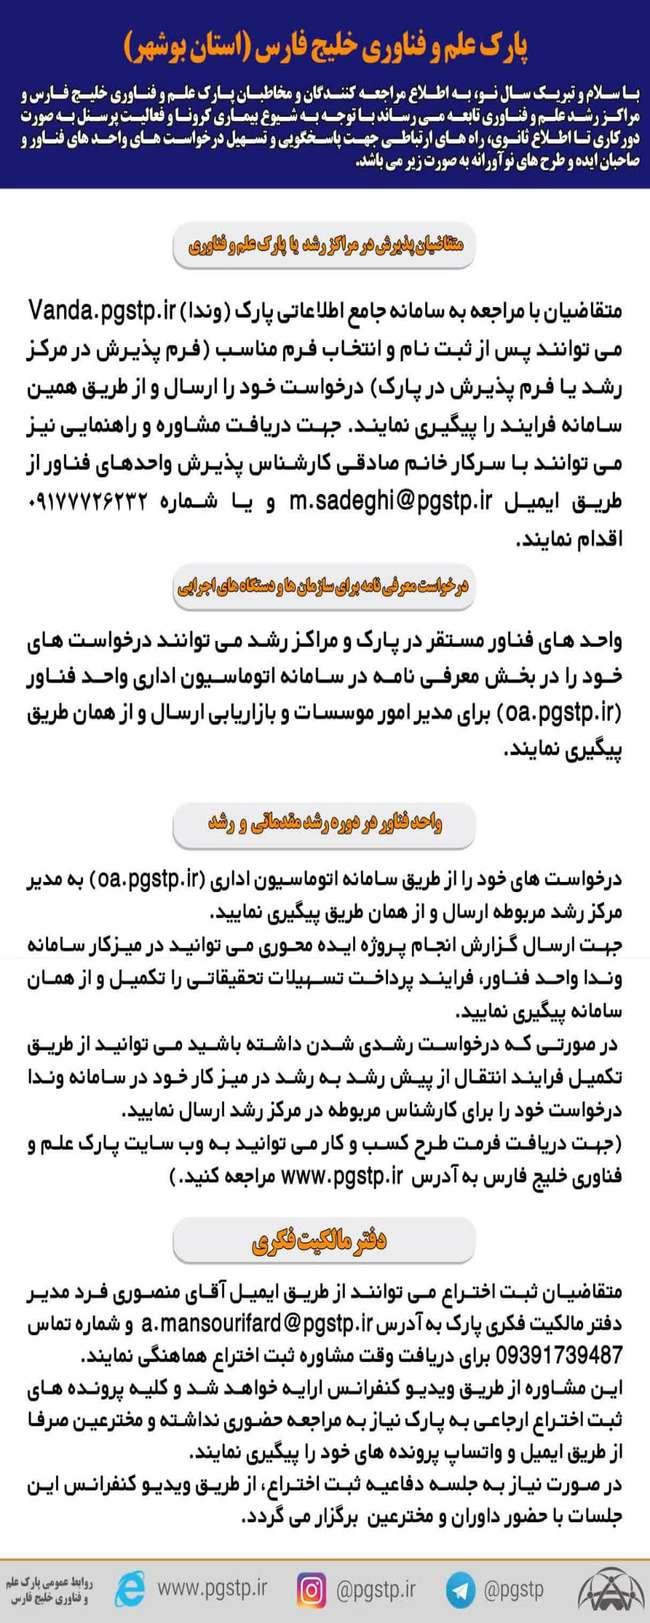 دورکاری در پارک علم و فناوری خلیج فارس